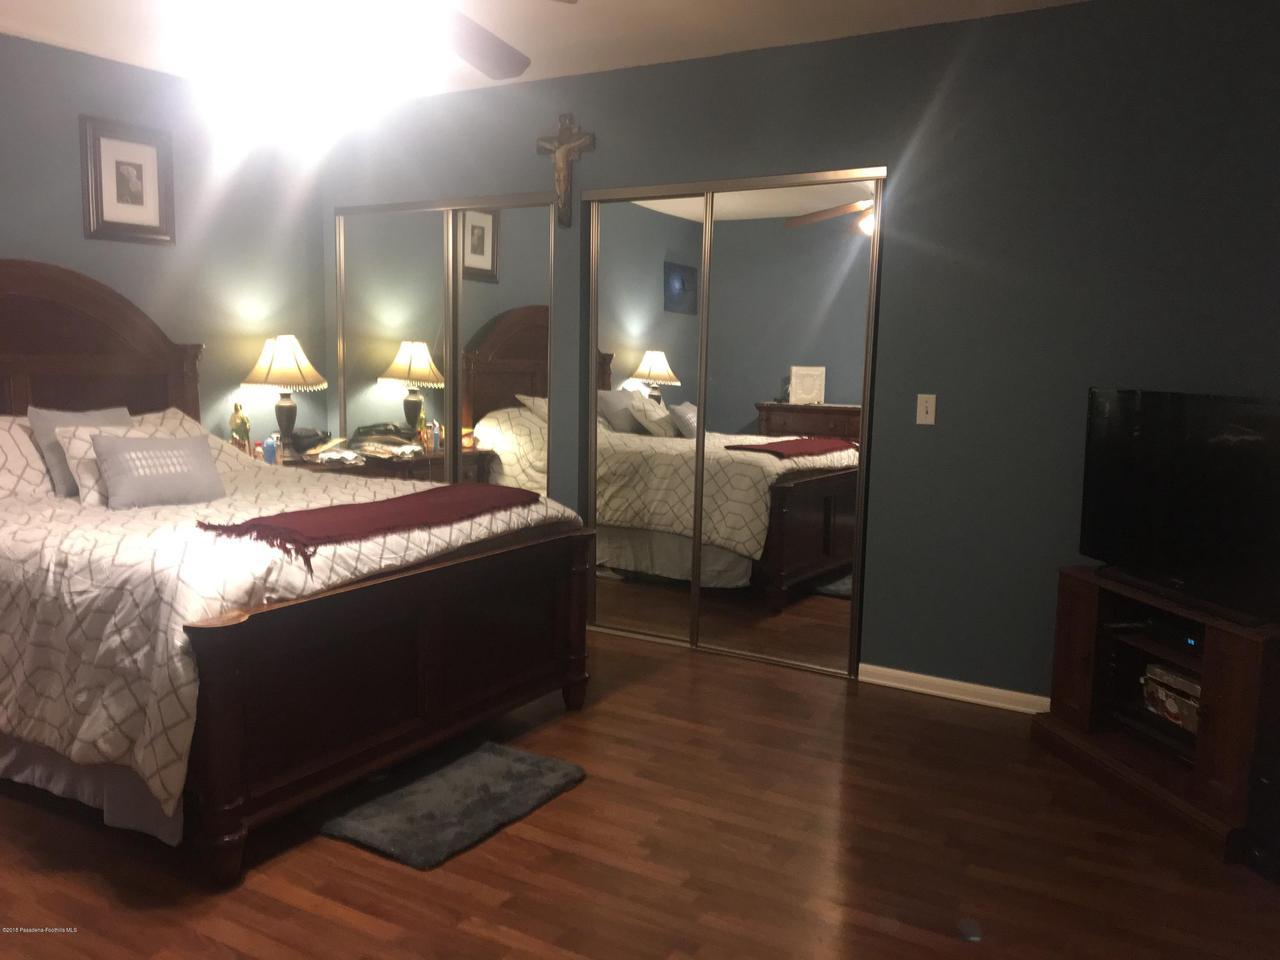 1724 NEWPORT, Pasadena, CA 91103 - C & A MASTERE BEDROOM 2